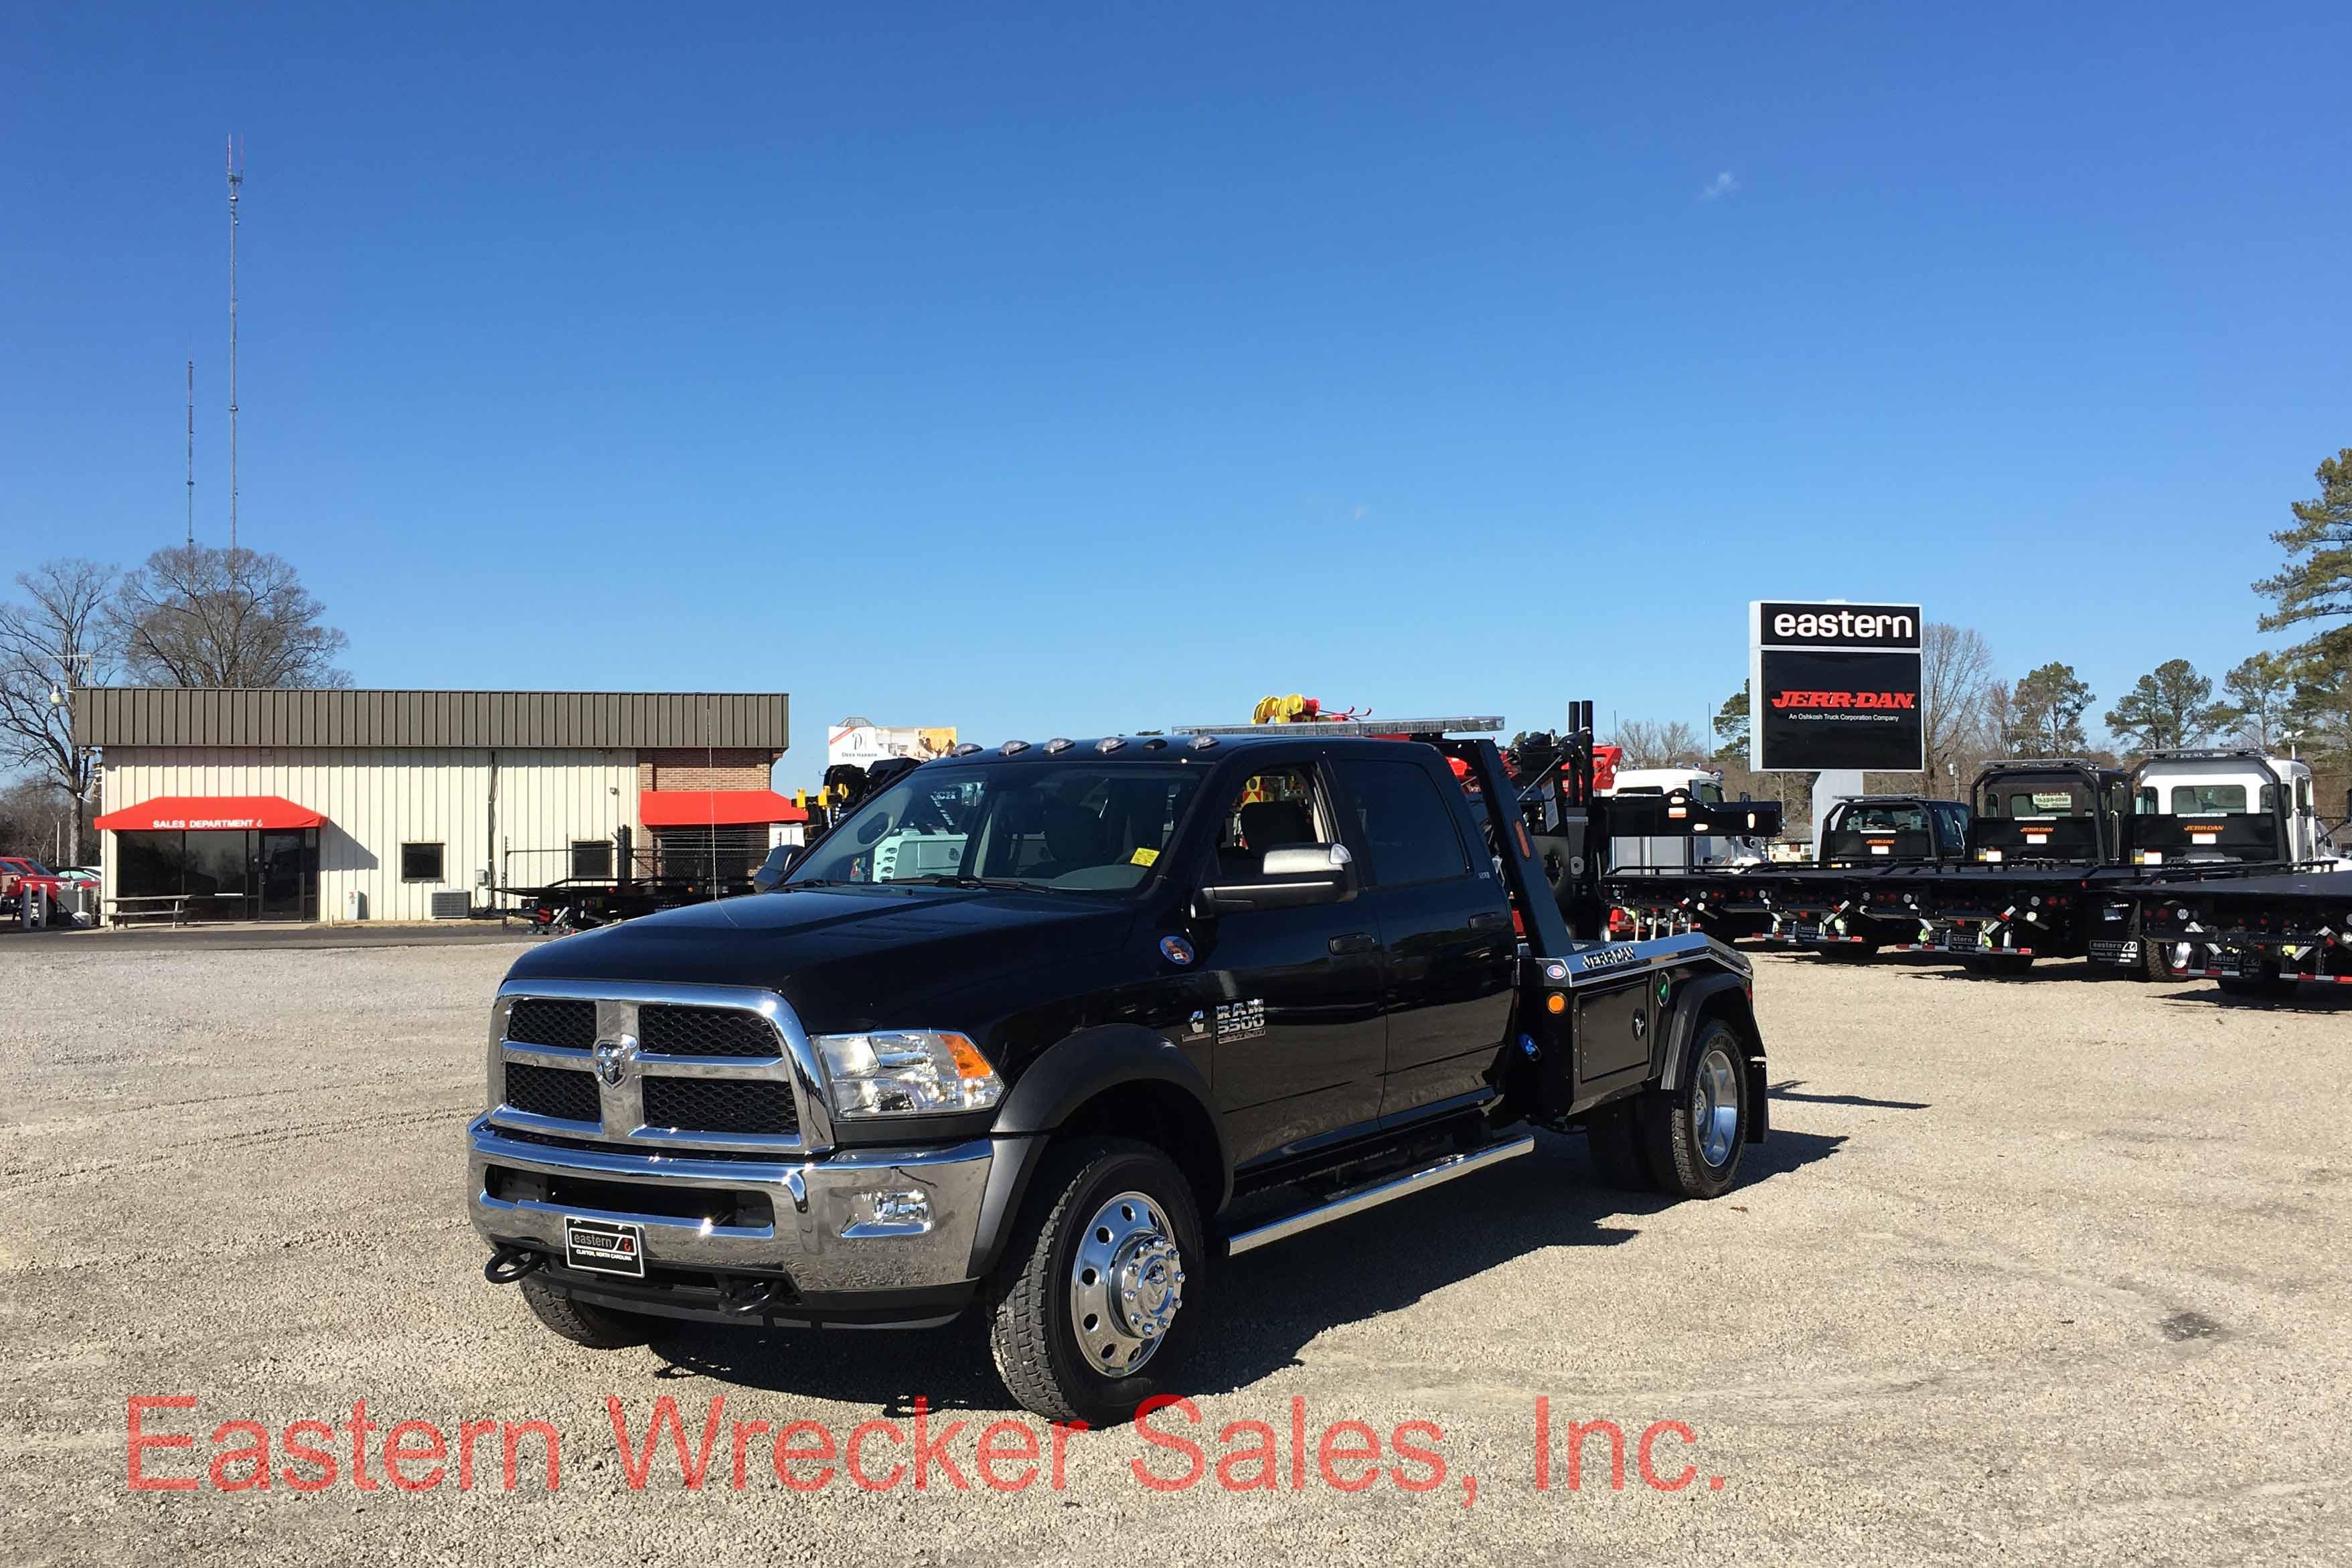 Dan Cummins Used Cars >> 2017 Dodge 5500 Quad Cab 4X4 with Jerr-Dan MPL40 Self-Loading Wrecker   Eastern Wrecker Sales Inc